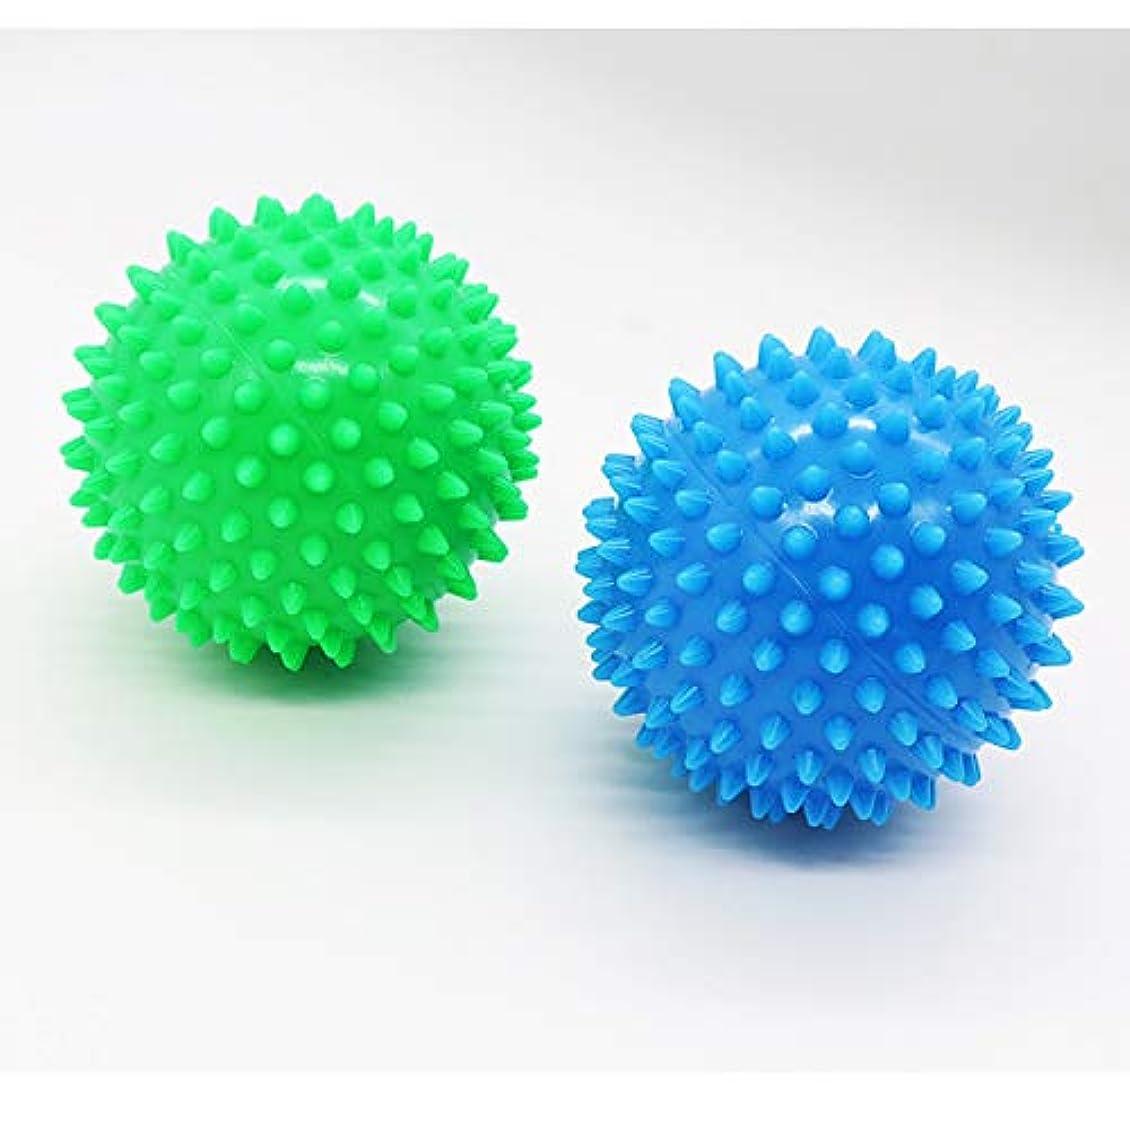 倫理滅びる整然としたDreecy マッサージボール(2個セット)触覚ボール リフレックスボール トレーニングボール  ポイントマッサージ 筋筋膜リリース 筋肉緊張和らげ 血液循環促進 9cm(青+緑)